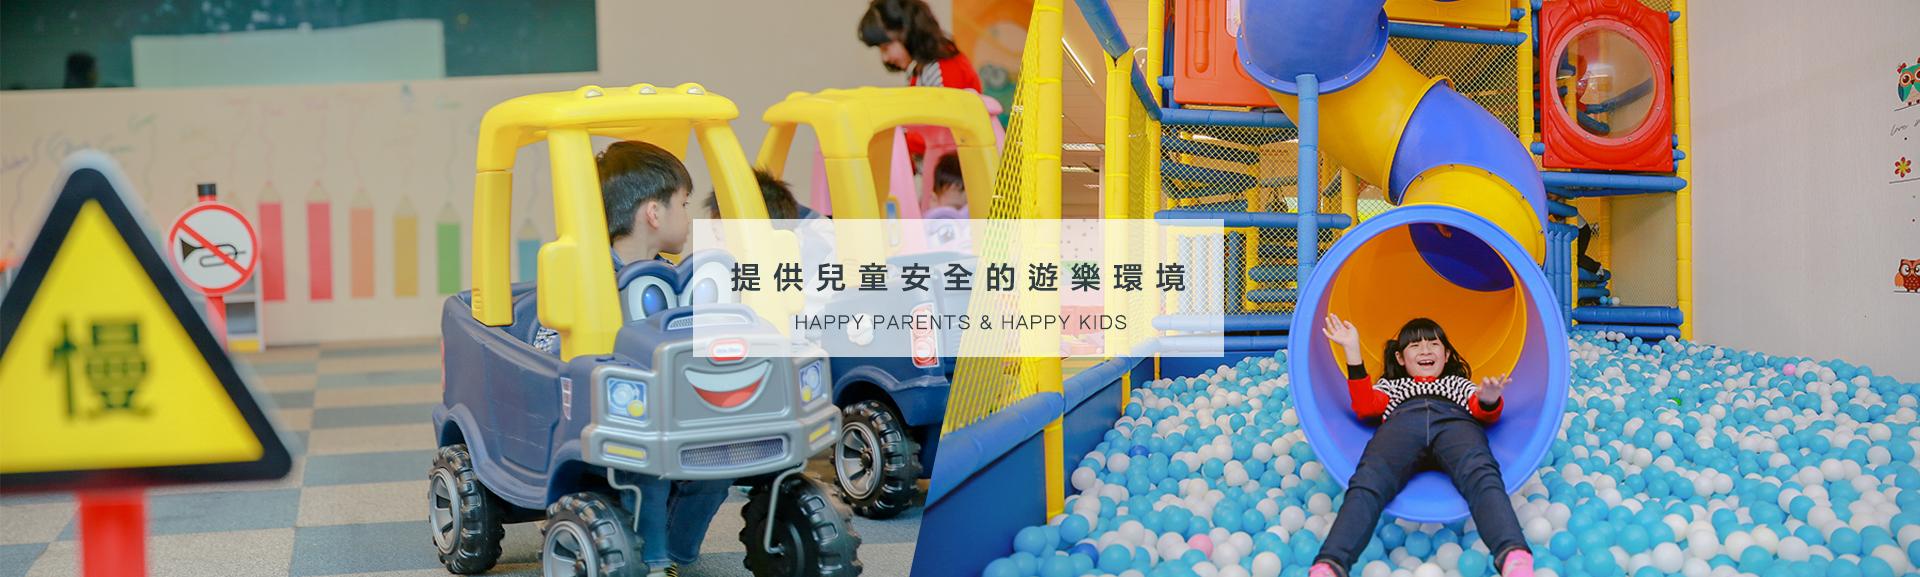 奧爾斯親子運動休閒館-(親子保齡球,親子遊樂,保齡球館)